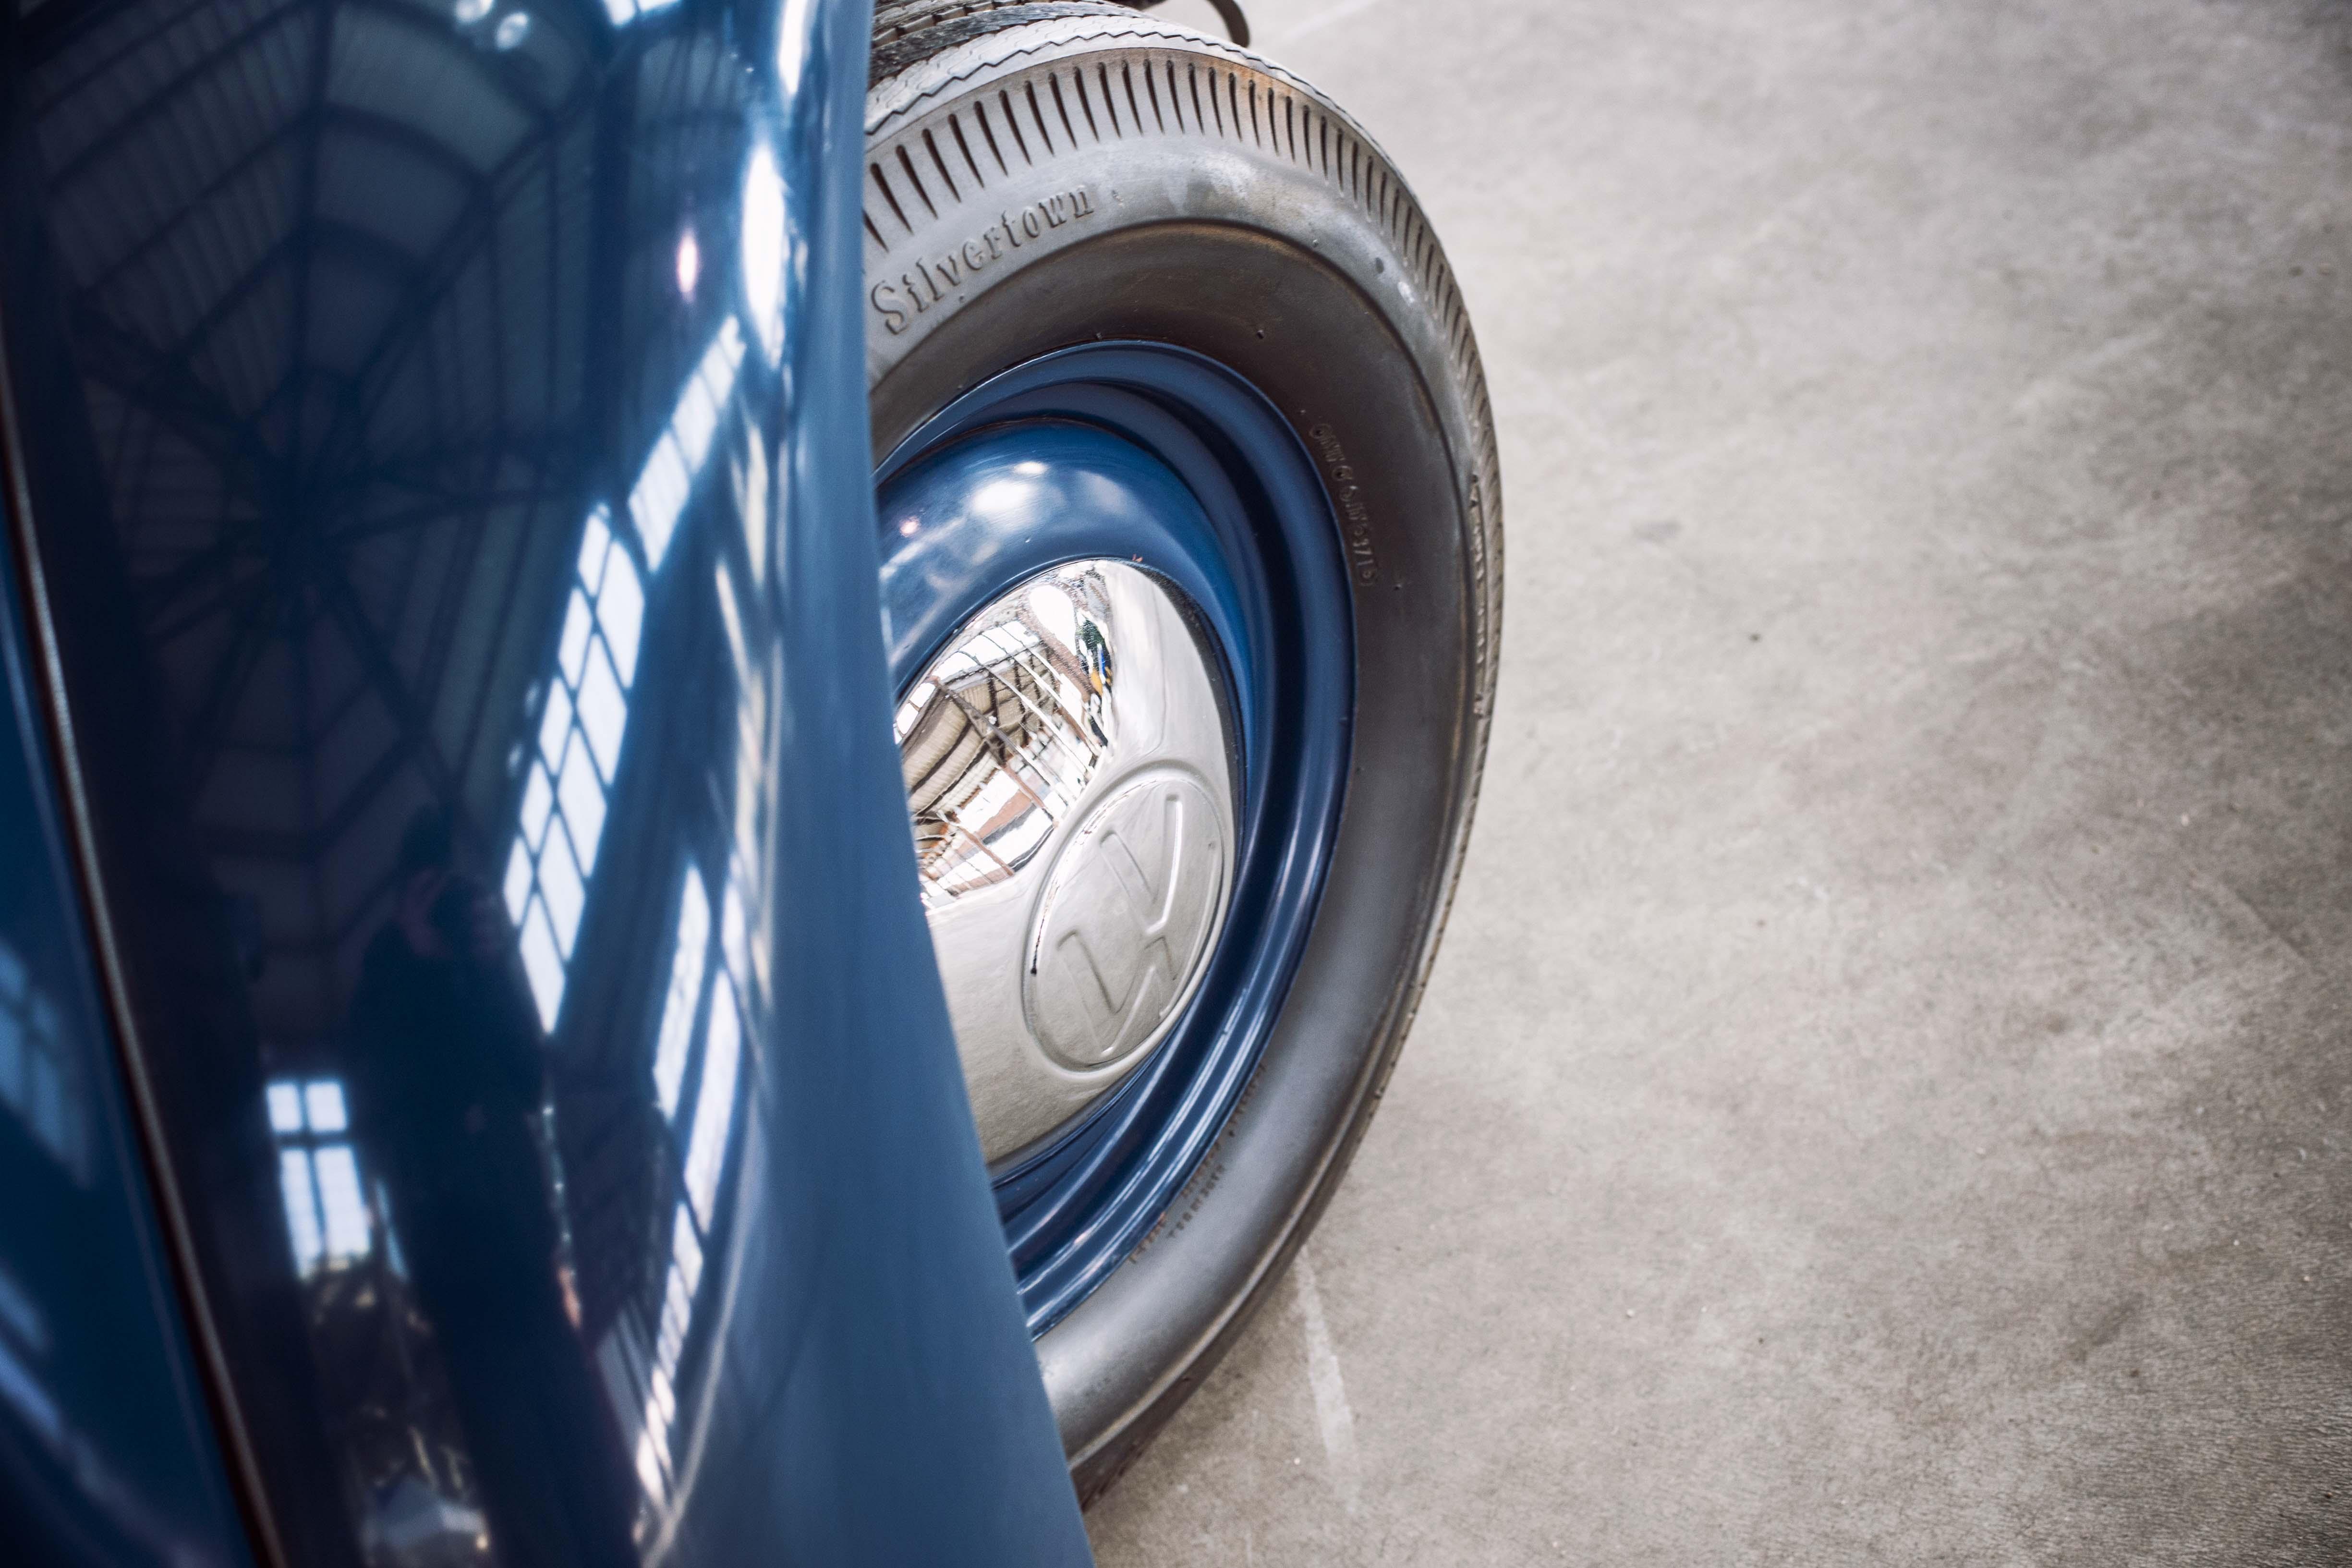 1949 Volkswagen tire